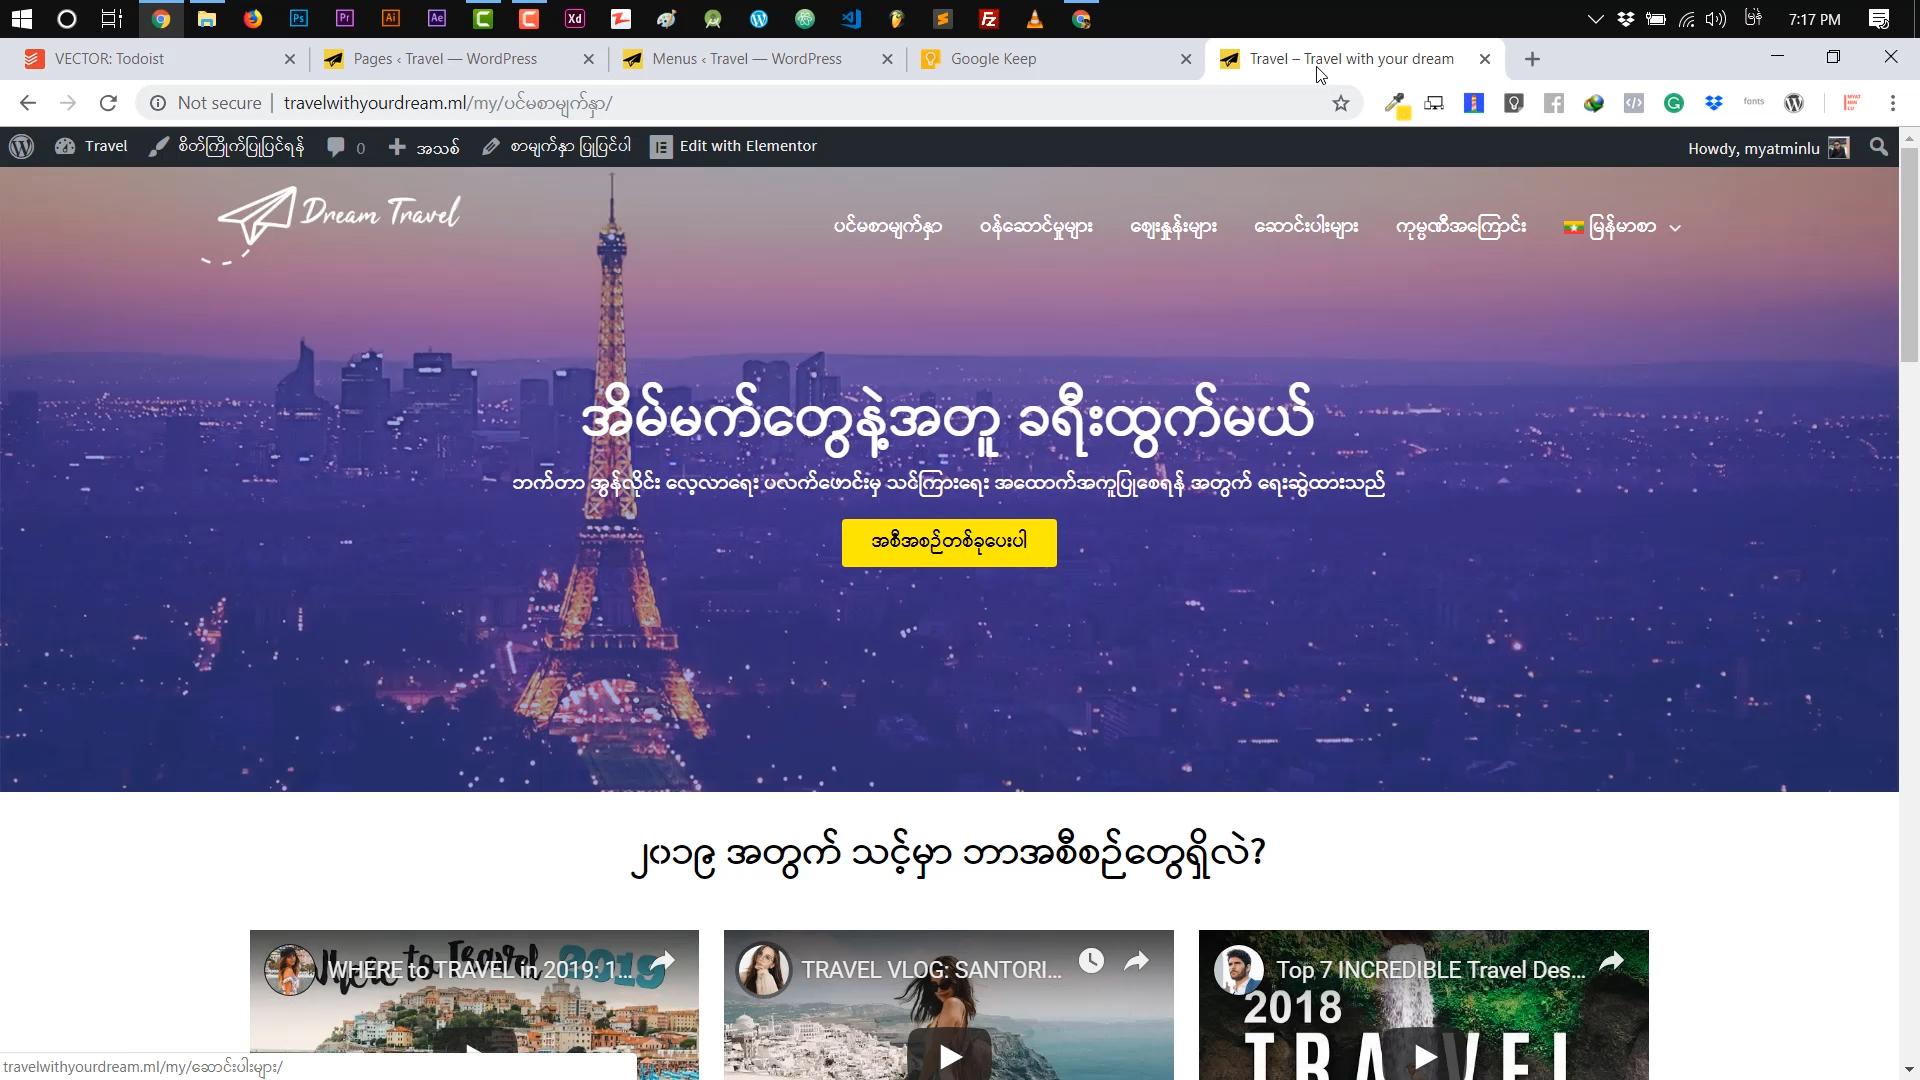 မိမိ-Website-ကိုဘာသာစကား-အမျိုးမျိုး-ပြောင်းလဲသုံးစွဲနိုင်အောင်-စီမံခြင်း